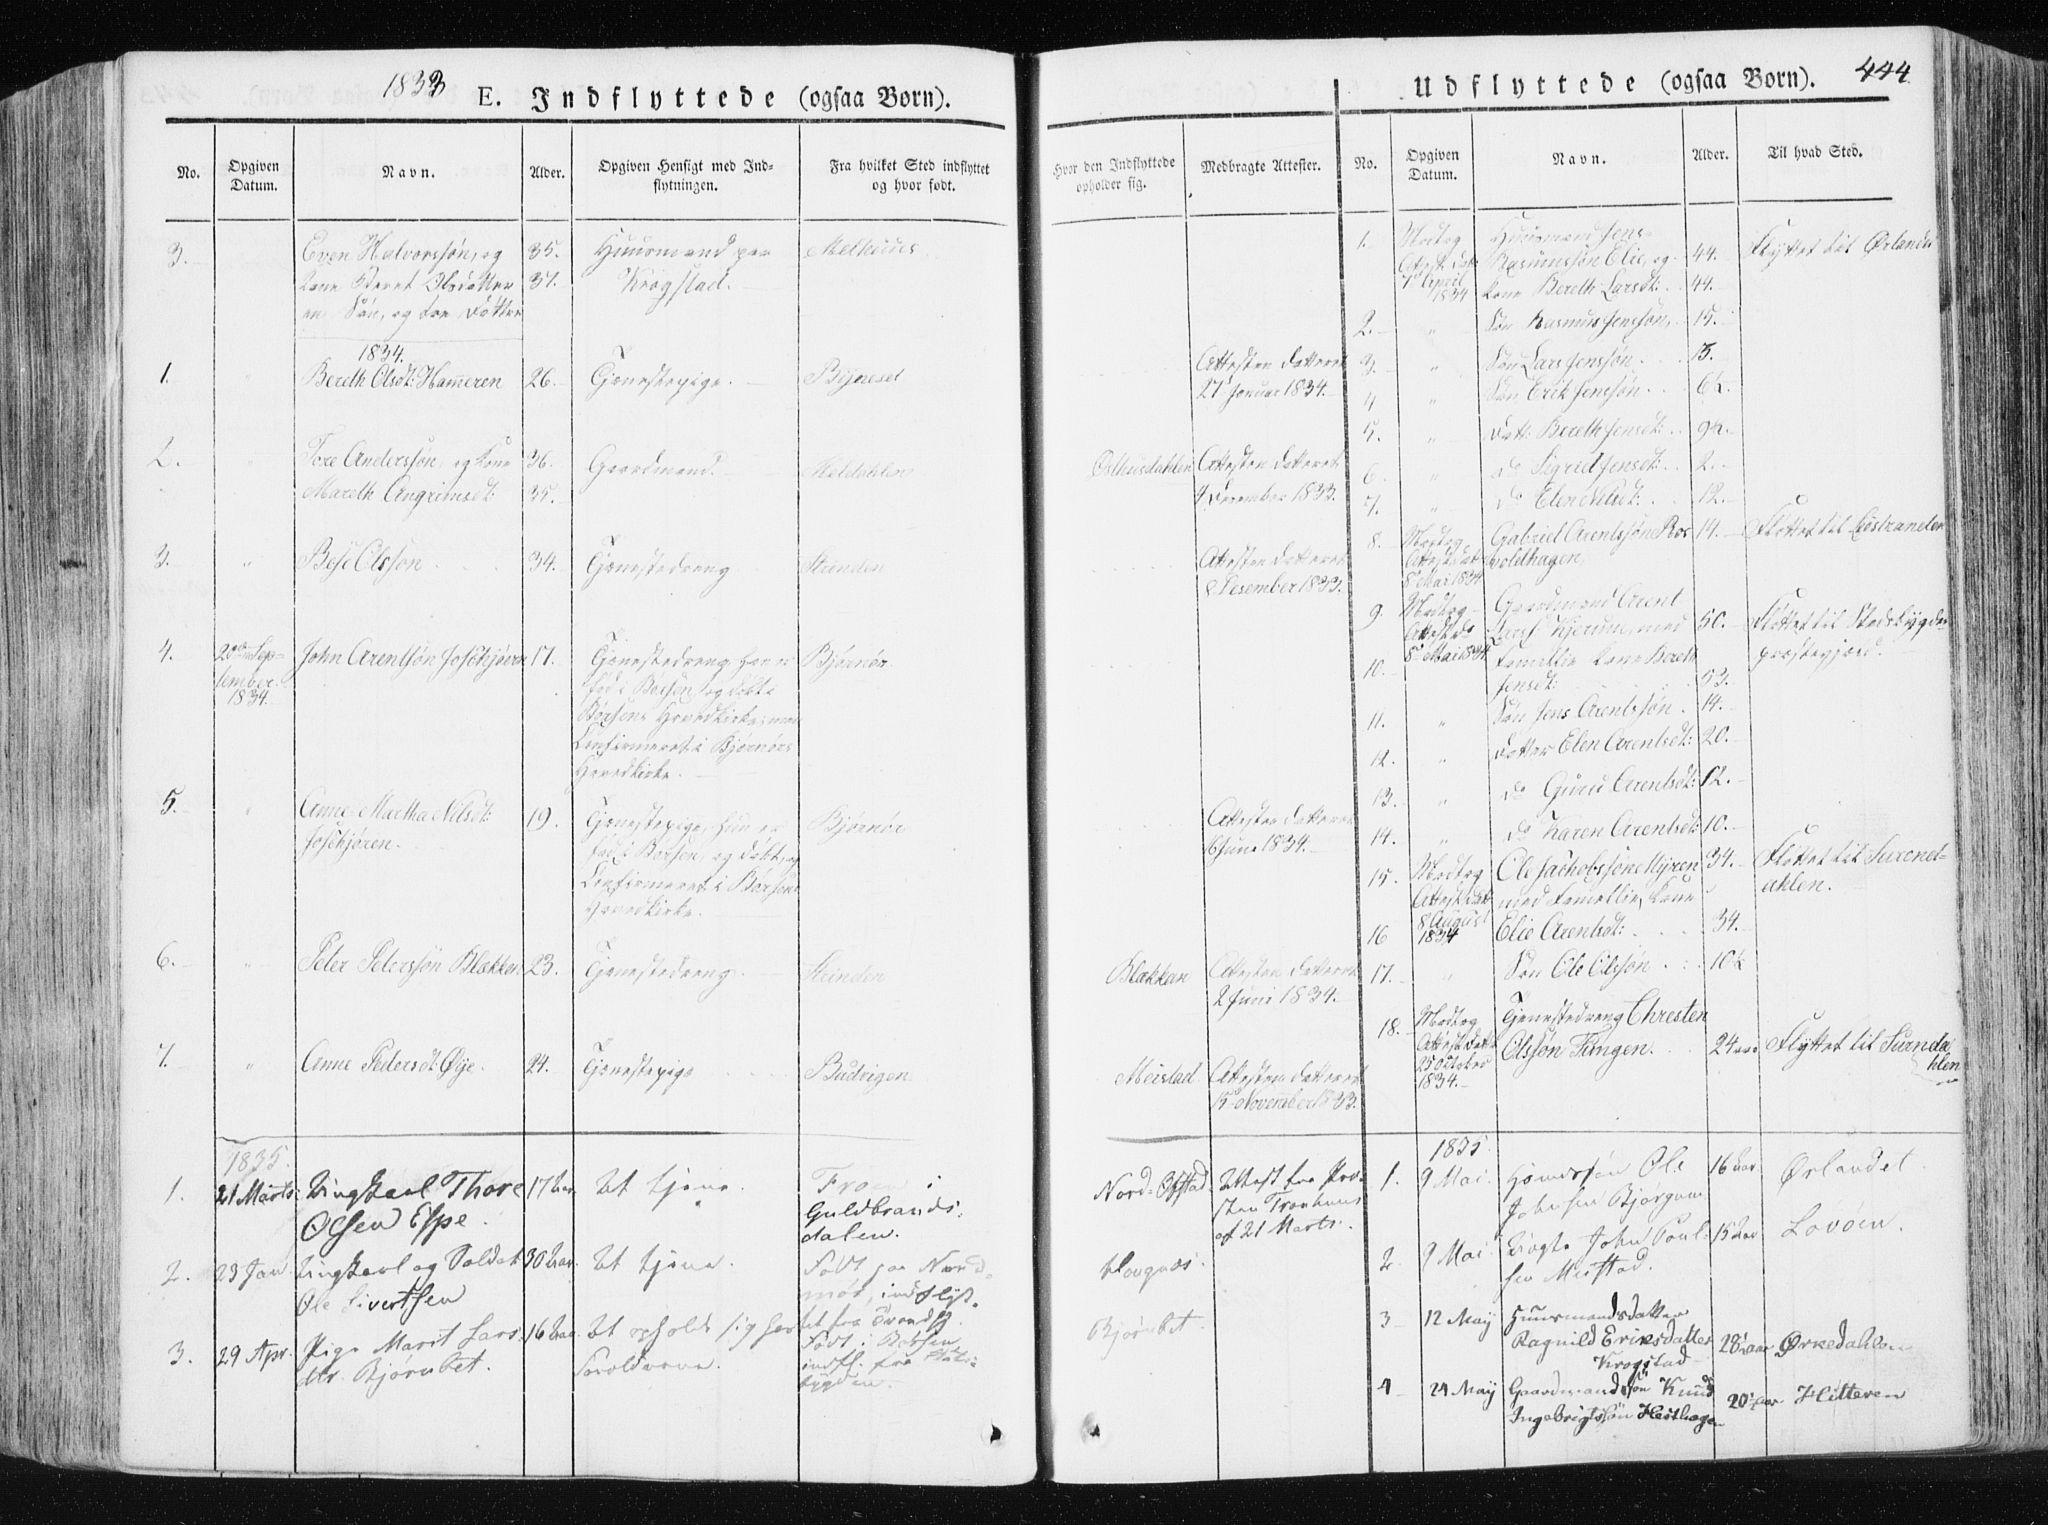 SAT, Ministerialprotokoller, klokkerbøker og fødselsregistre - Sør-Trøndelag, 665/L0771: Ministerialbok nr. 665A06, 1830-1856, s. 444